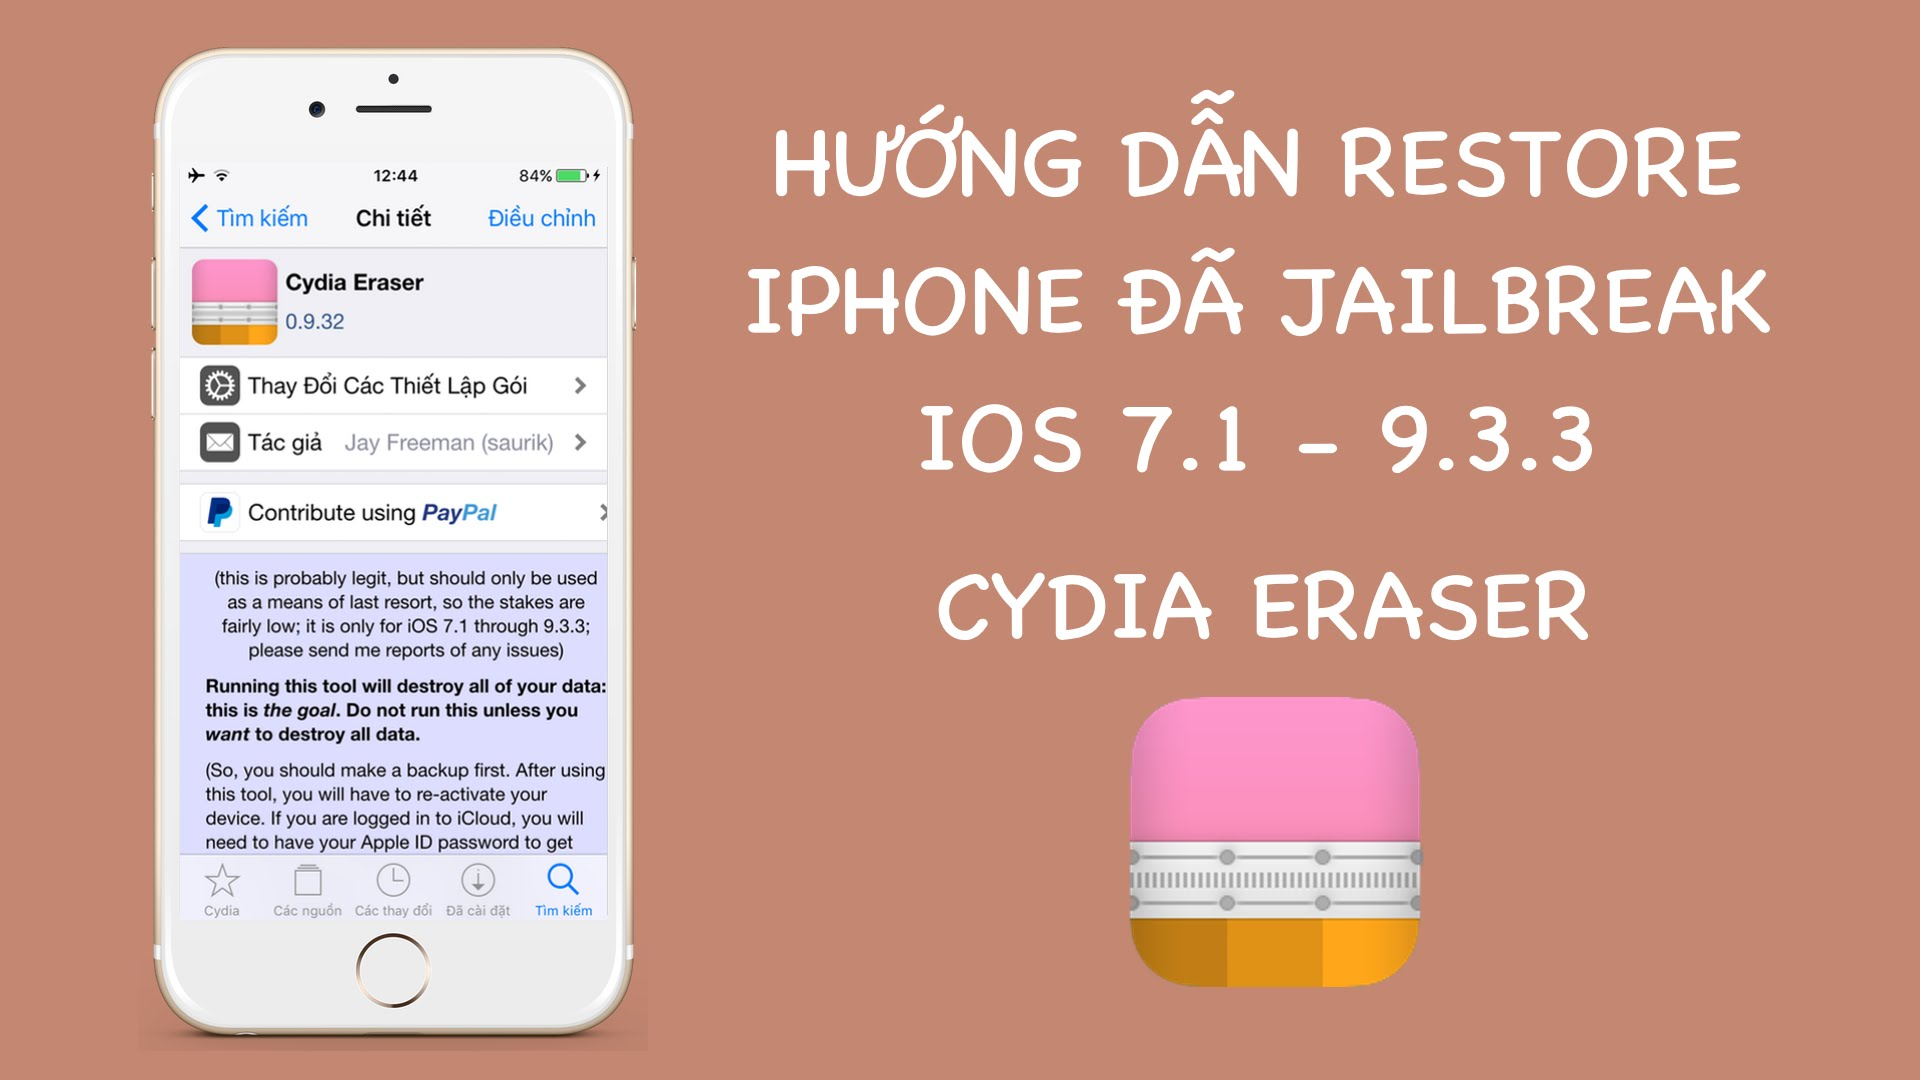 Cydia Eraser